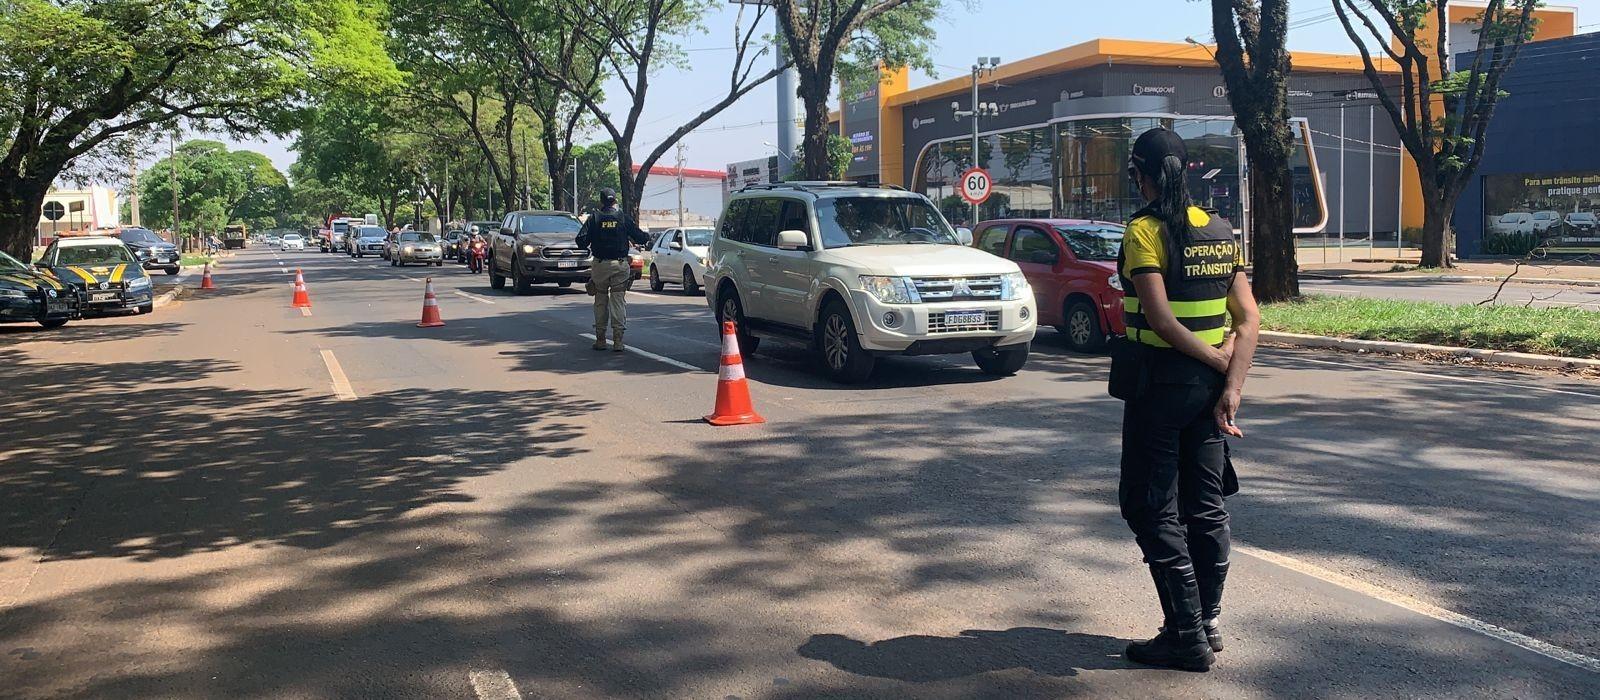 Mortes no trânsito: 60% das vítimas estavam em motocicletas